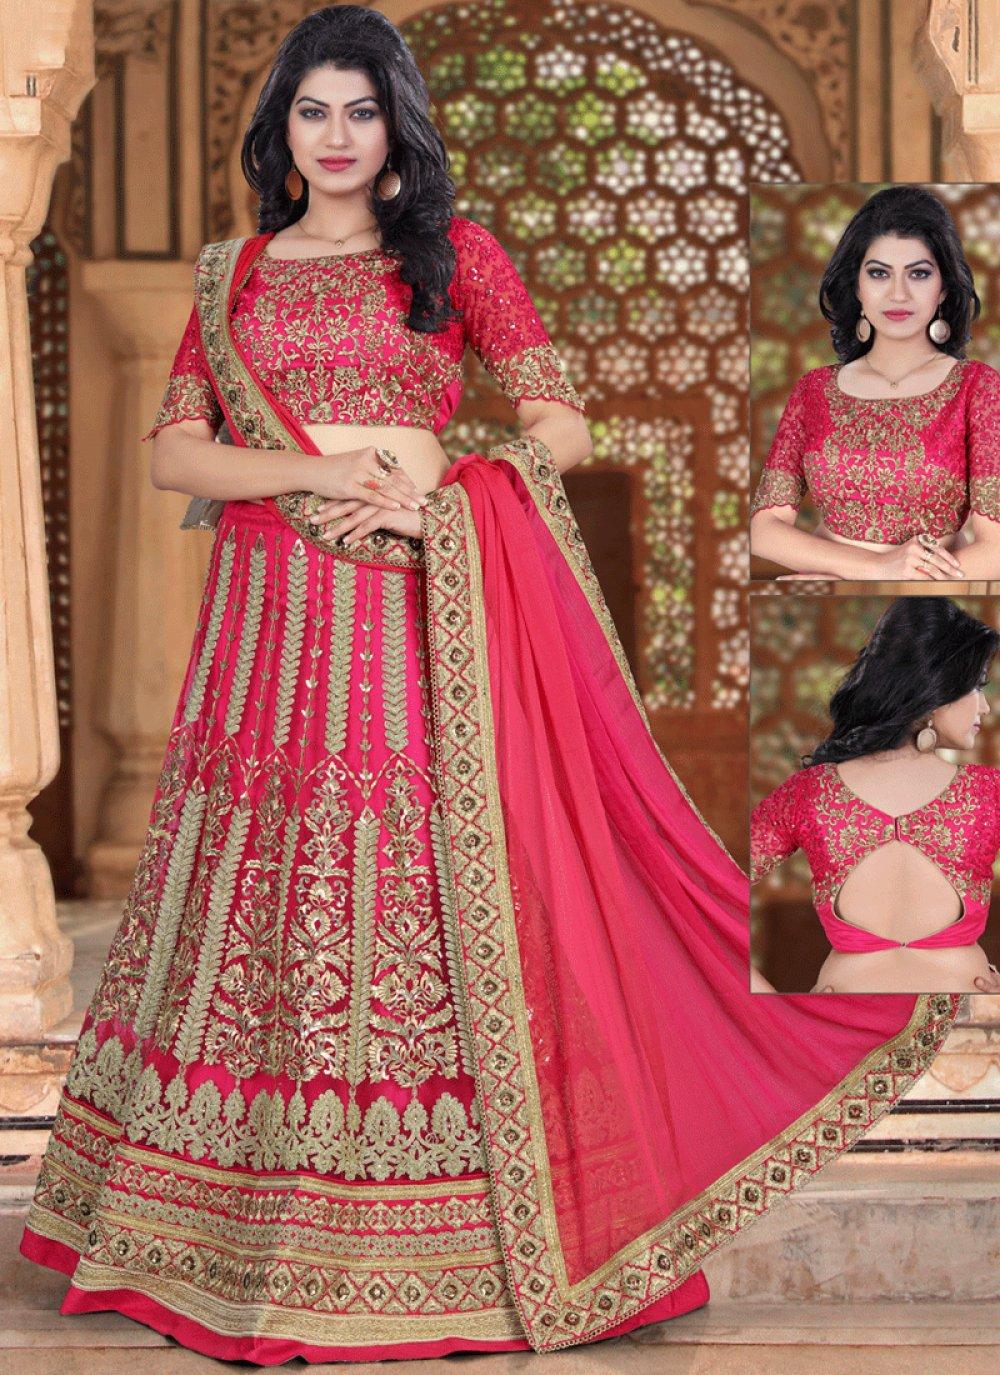 Lace Work Hot Pink Net Lehenga Choli